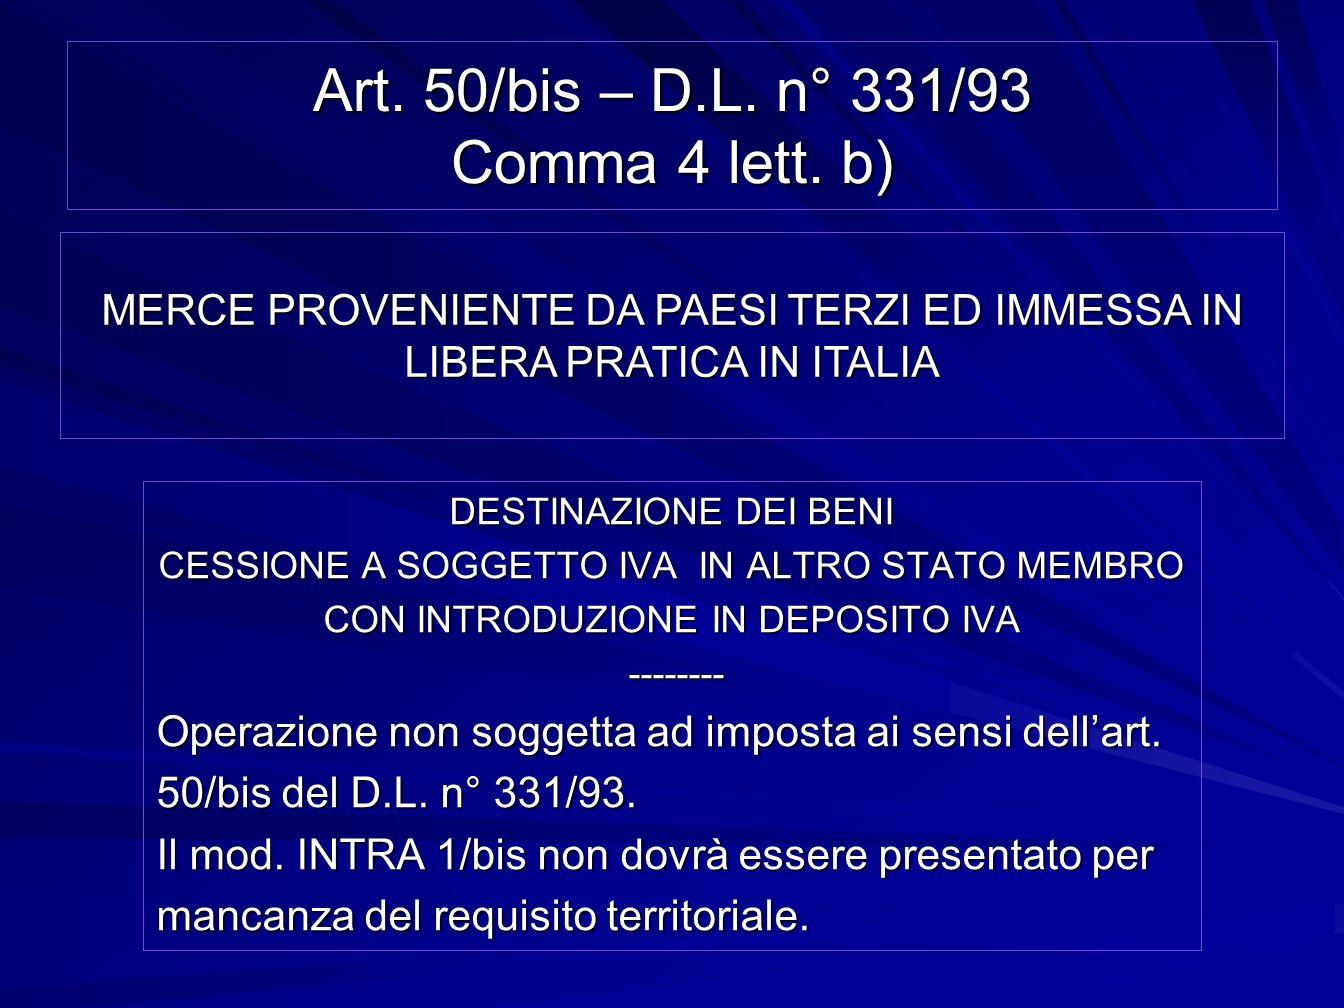 Art. 50/bis – D.L. n° 331/93 Comma 4 lett. b) DESTINAZIONE DEI BENI CESSIONE A SOGGETTO IVA IN ALTRO STATO MEMBRO CON INTRODUZIONE IN DEPOSITO IVA ---